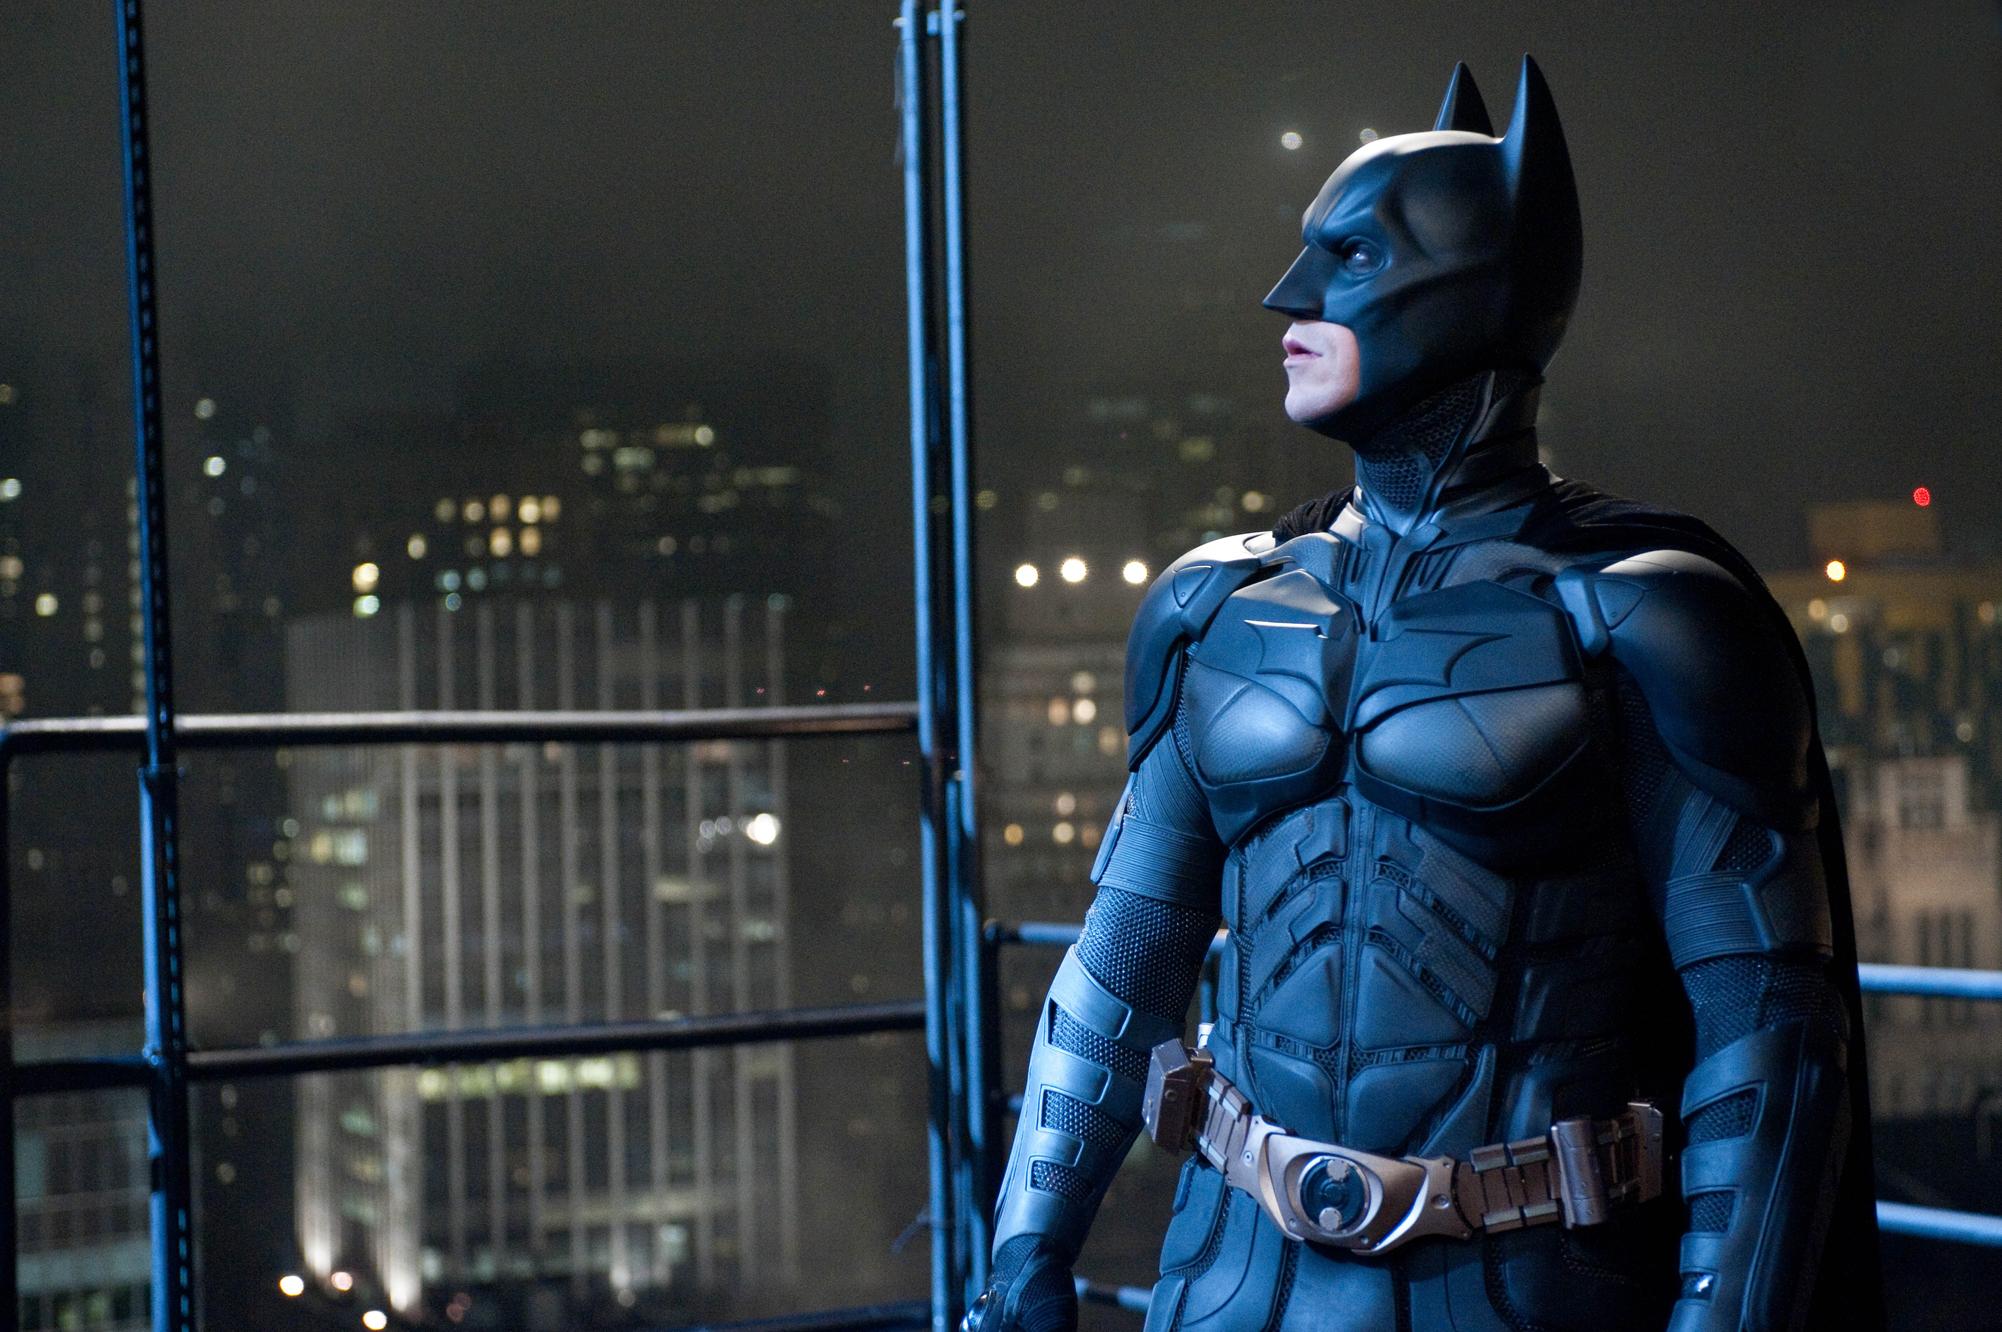 The Batman :「猿の惑星」のマット・リーヴス監督が、ダークナイトを復活させる最新作「ザ・バットマン」が、ついに撮影を開始するクランクインの見込みが伝えられた ! !